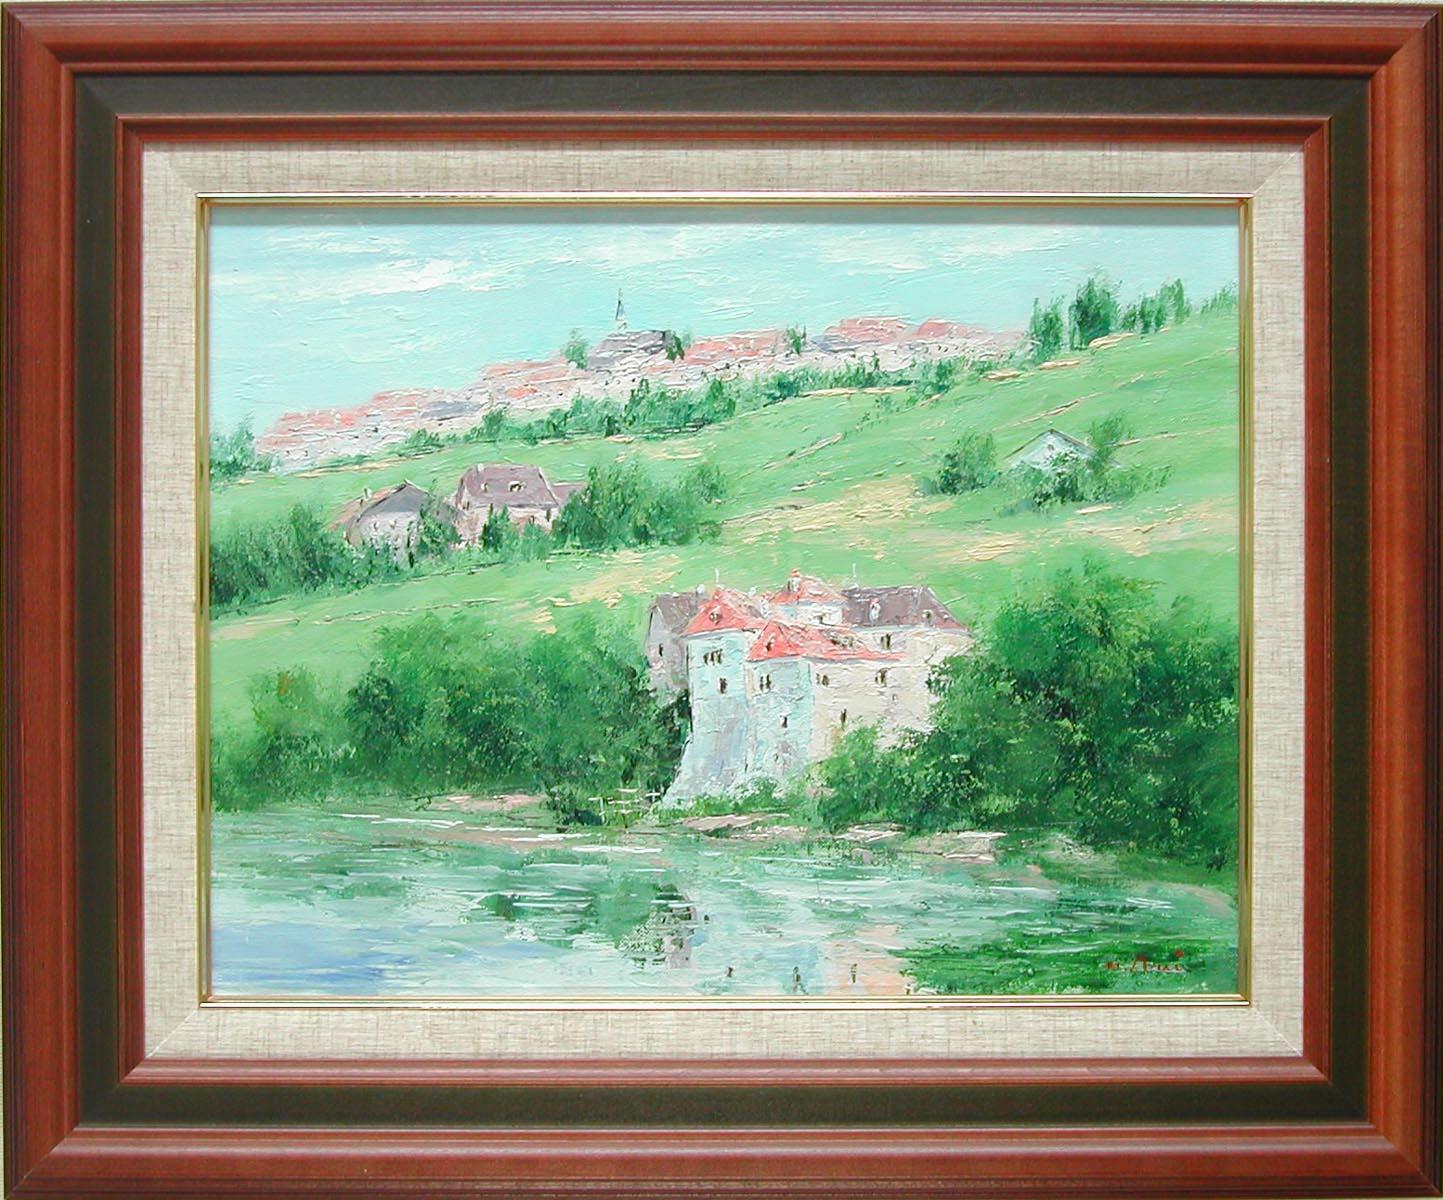 絵画 緑の丘 スイス レマン湖 (荒井秀幸) 送料無料 【肉筆】【油絵】【外国の風景】【6号】